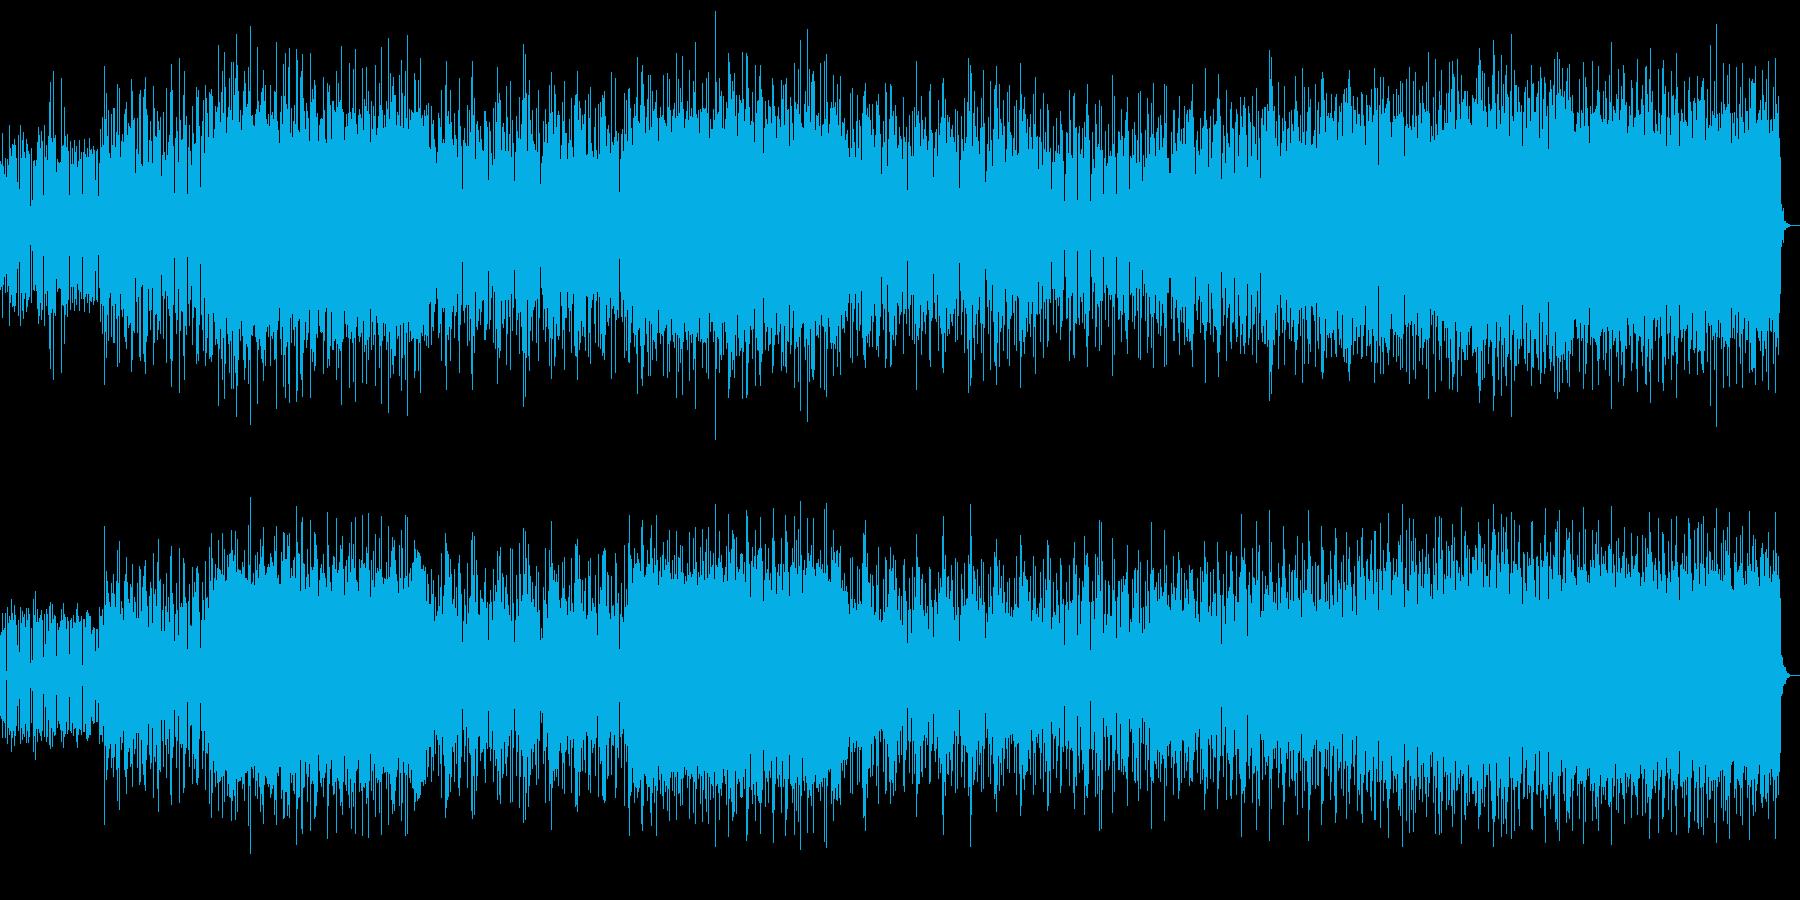 悪役の登場 悪いアンドロイドやロボットの再生済みの波形